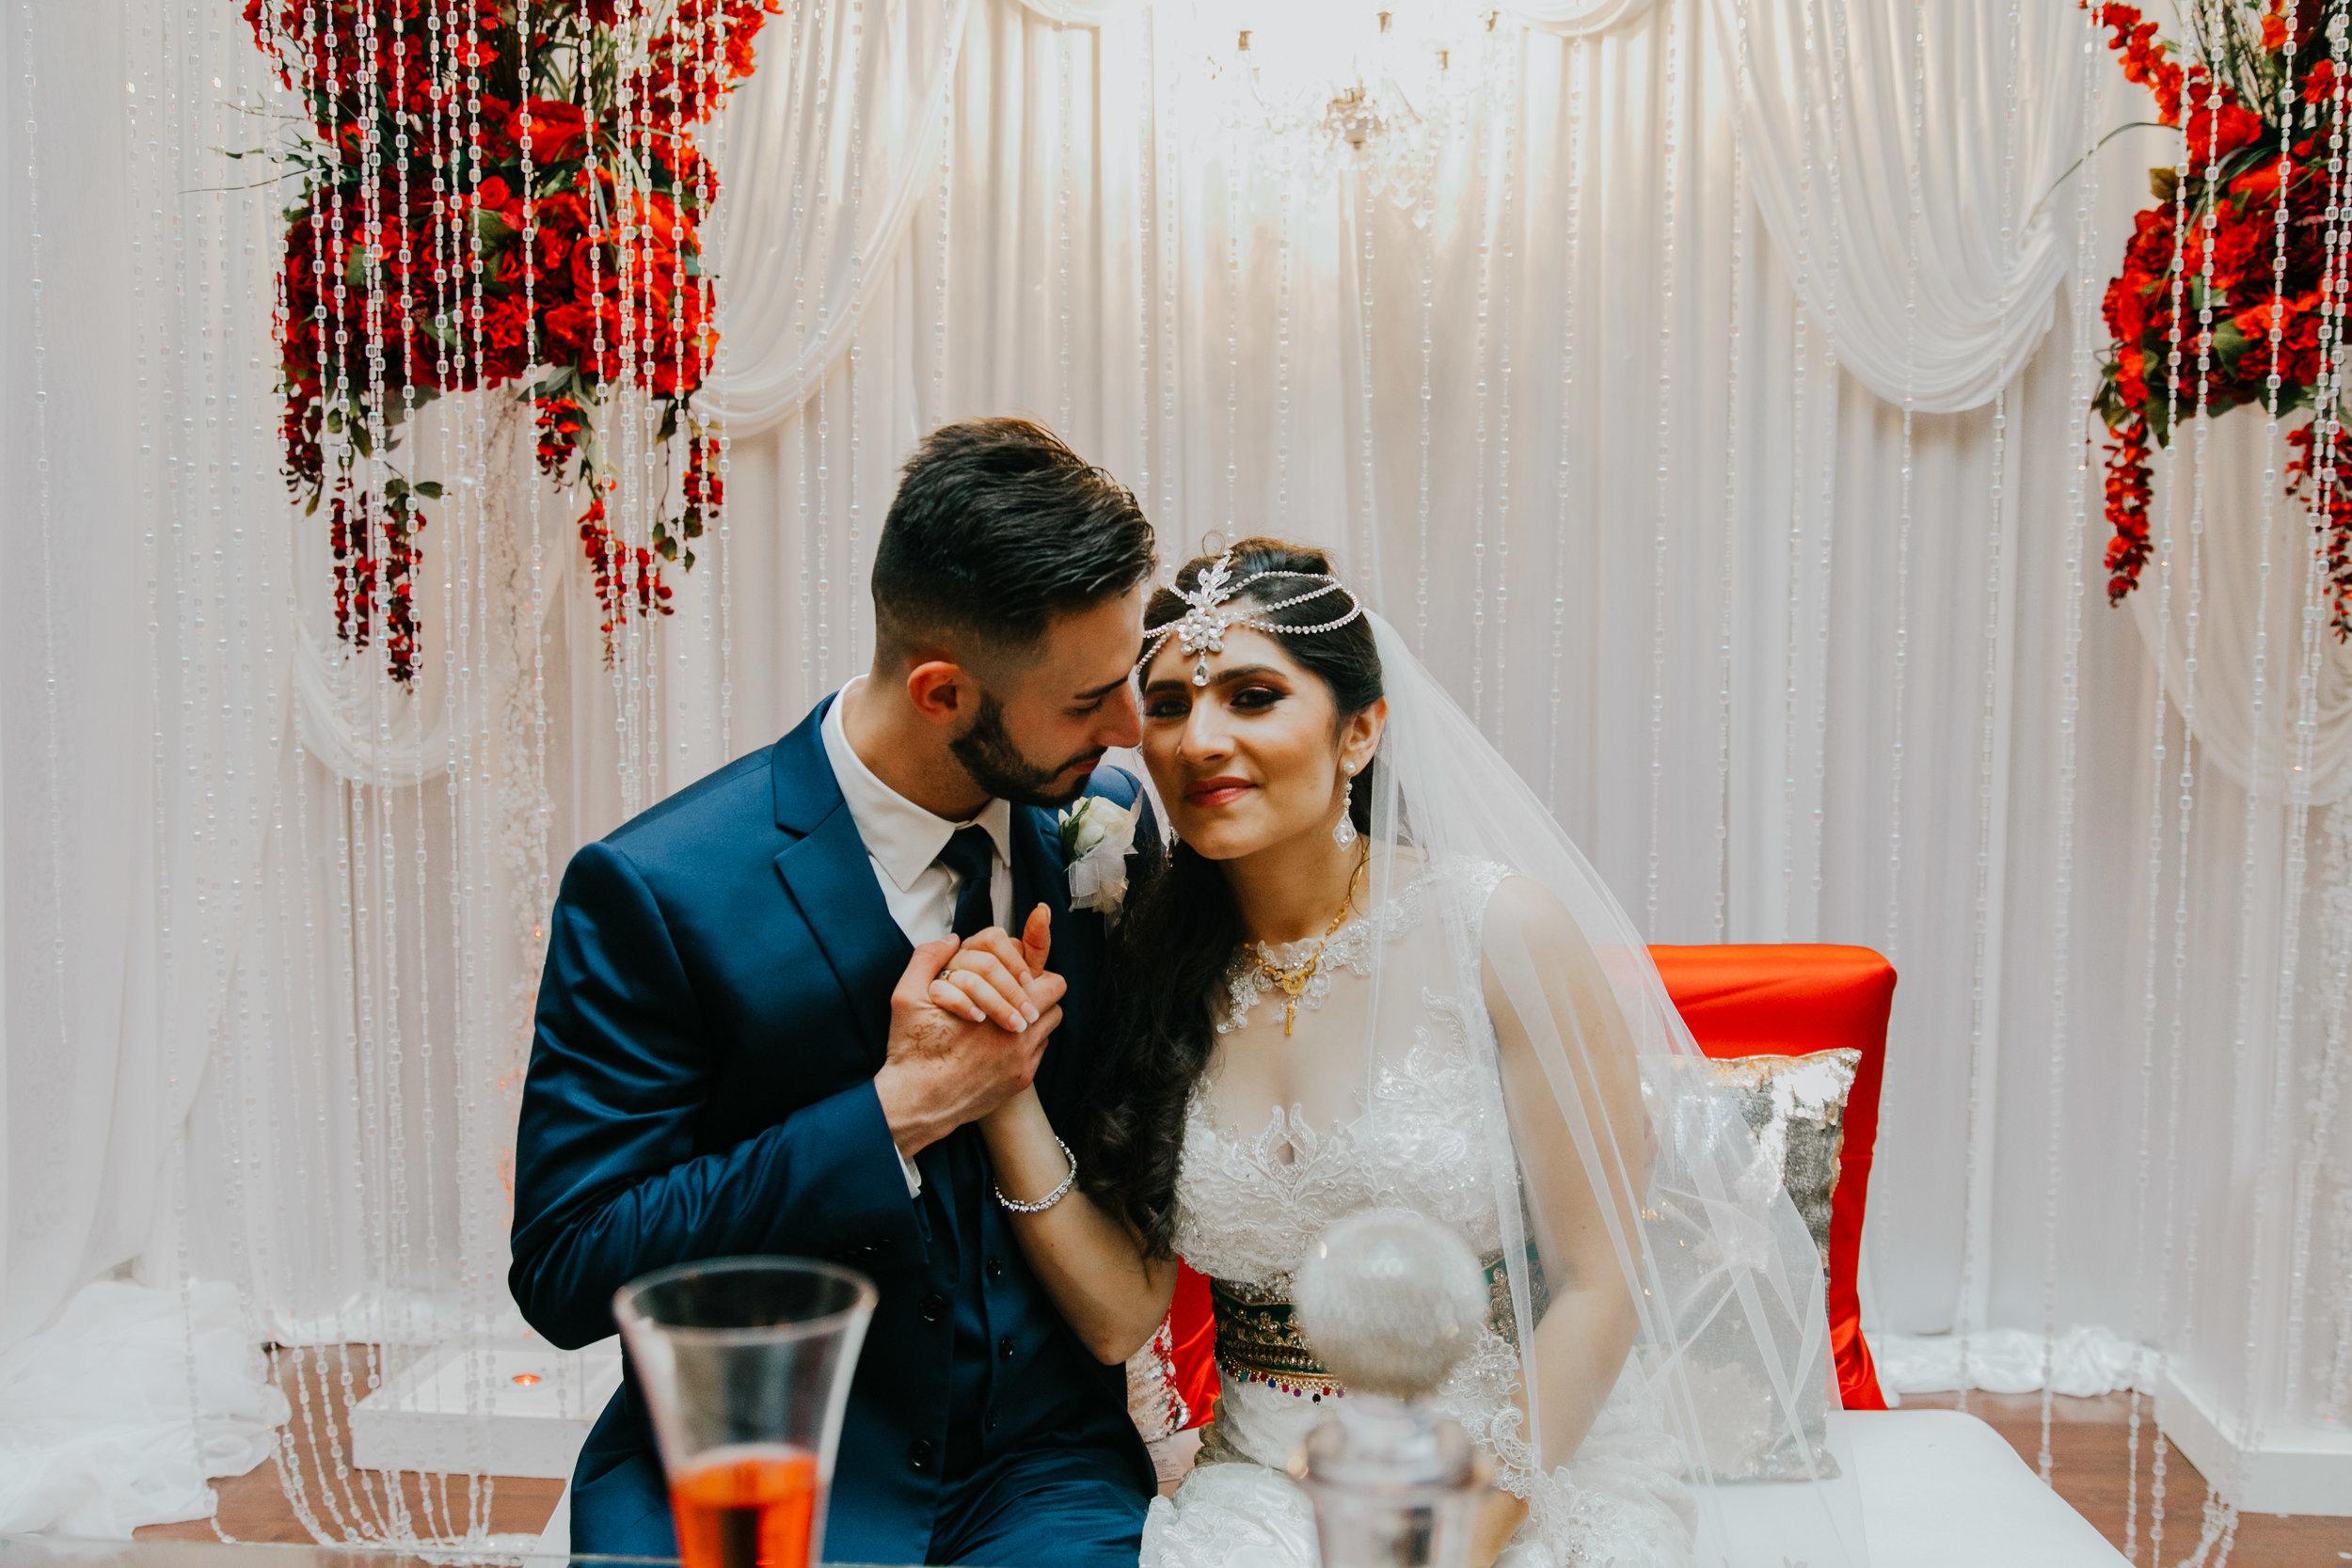 mustafasadiyahwedding-6.jpg